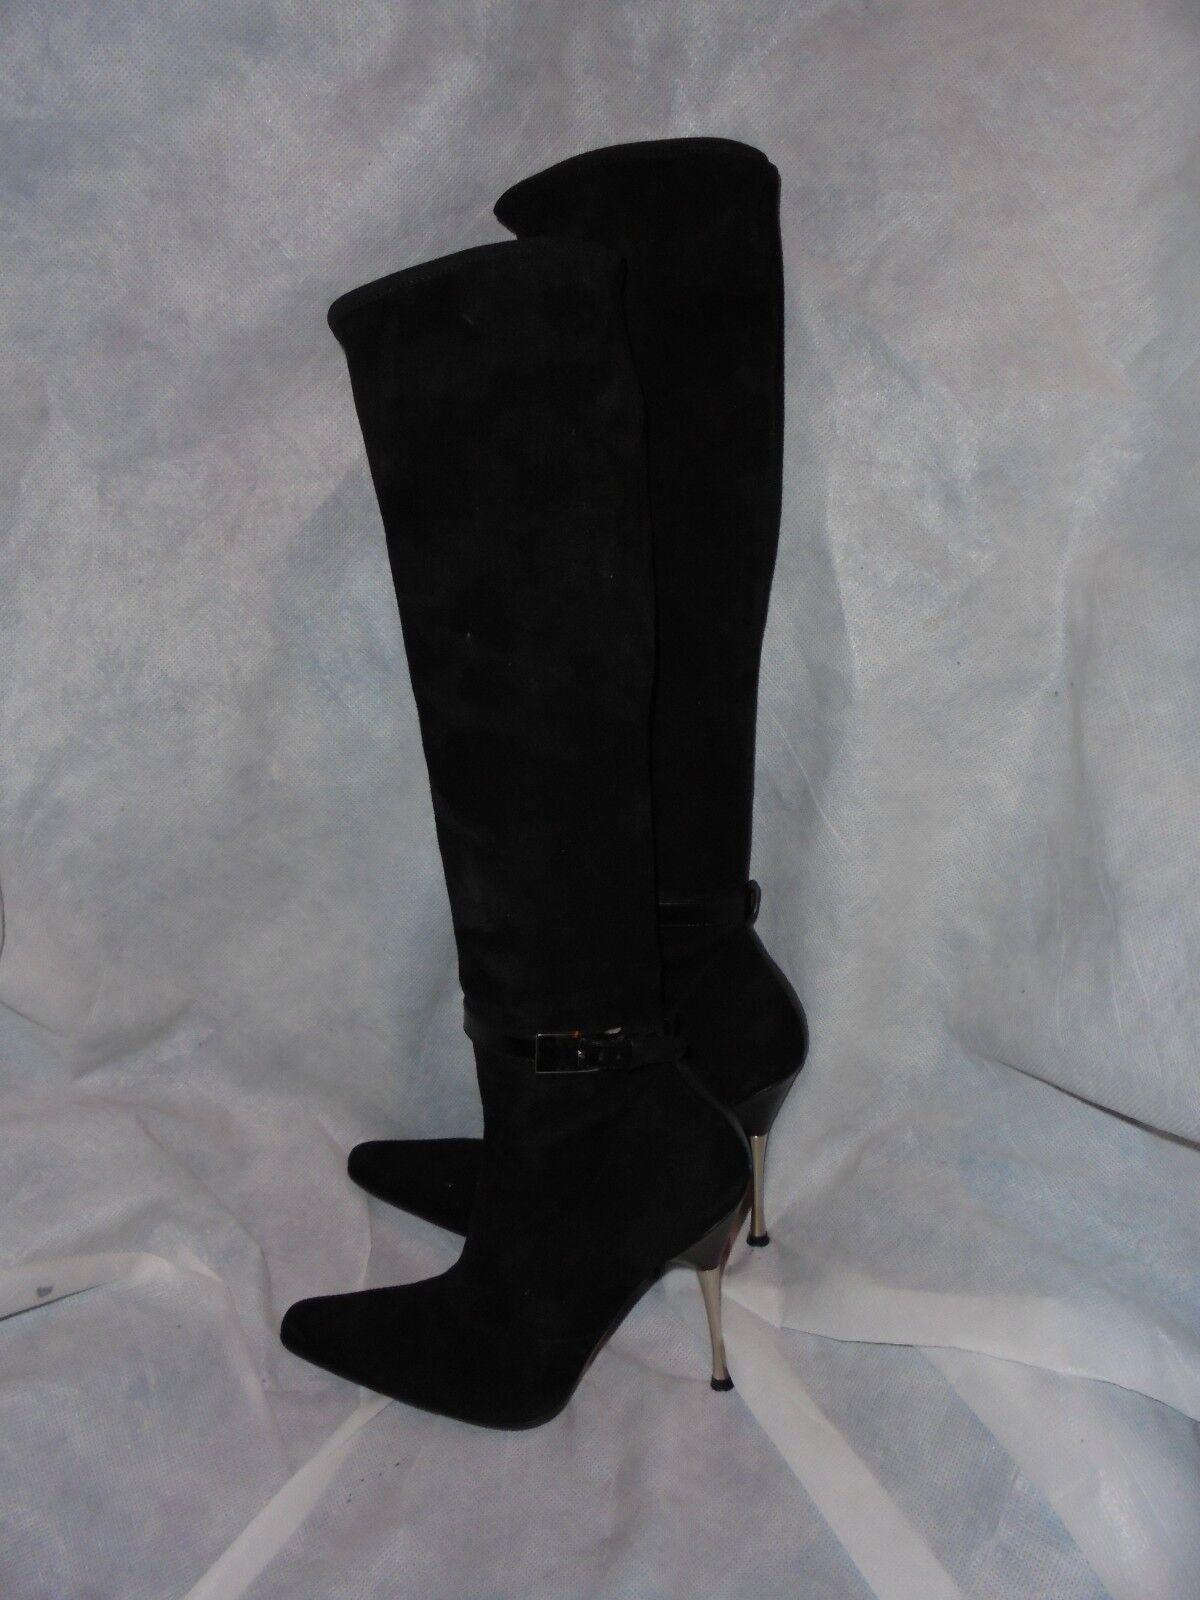 Diego Dolcini Mujeres Cuero Negro Elástico Knee High bota Talla UK 2.5 EU 35 en muy buena condición